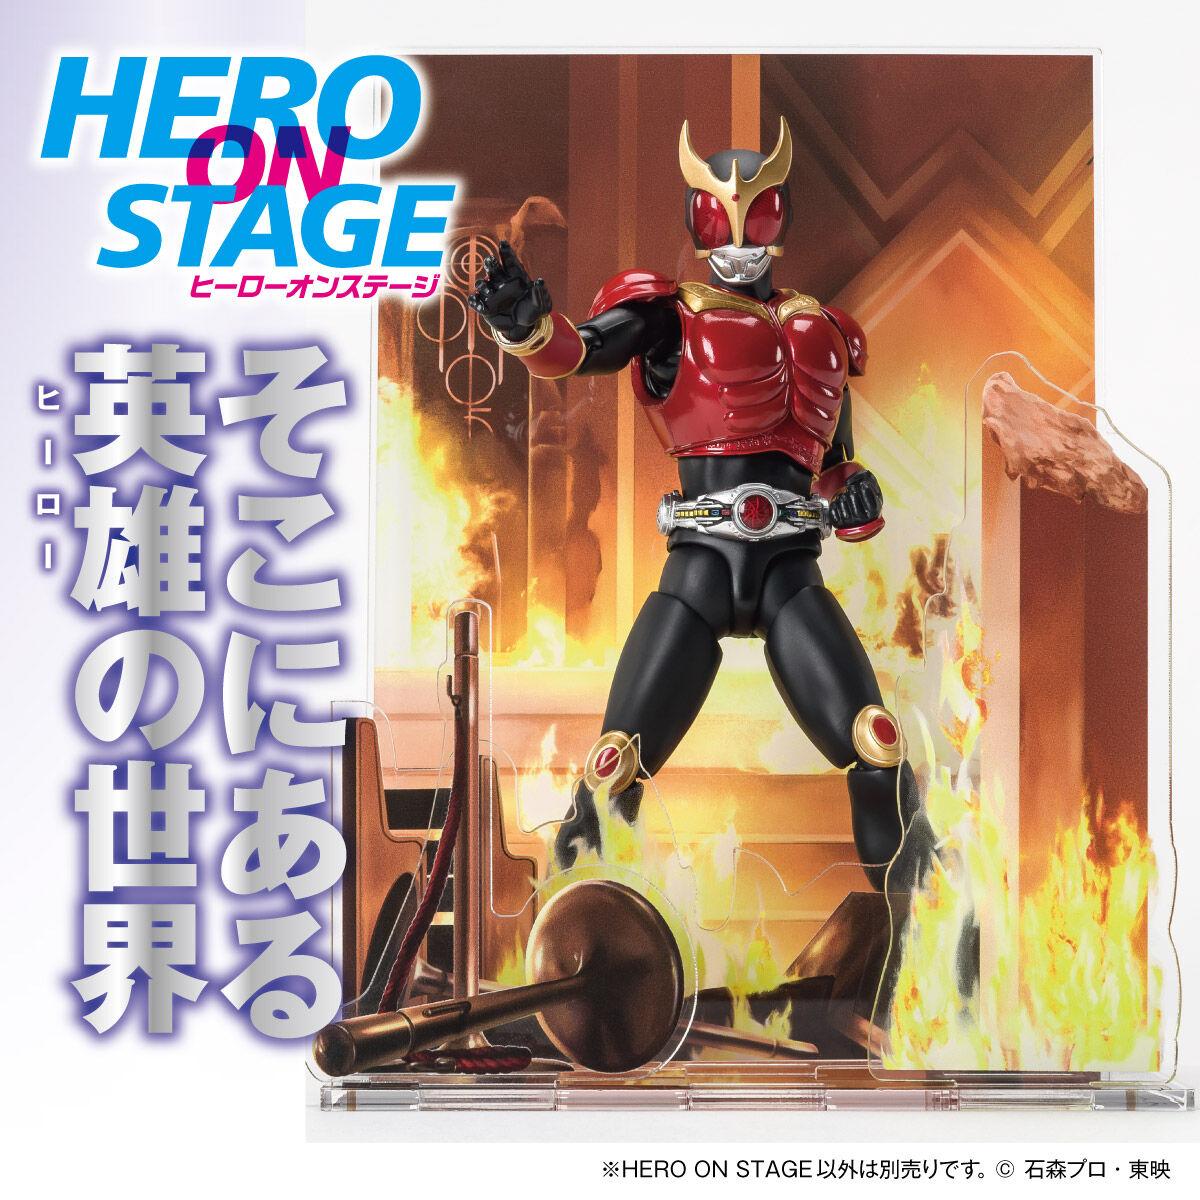 【限定販売】HERO ON STAGE/ヒーローオンステージ『仮面ライダークウガ‐変身-』ディスプレイ・パネル-001